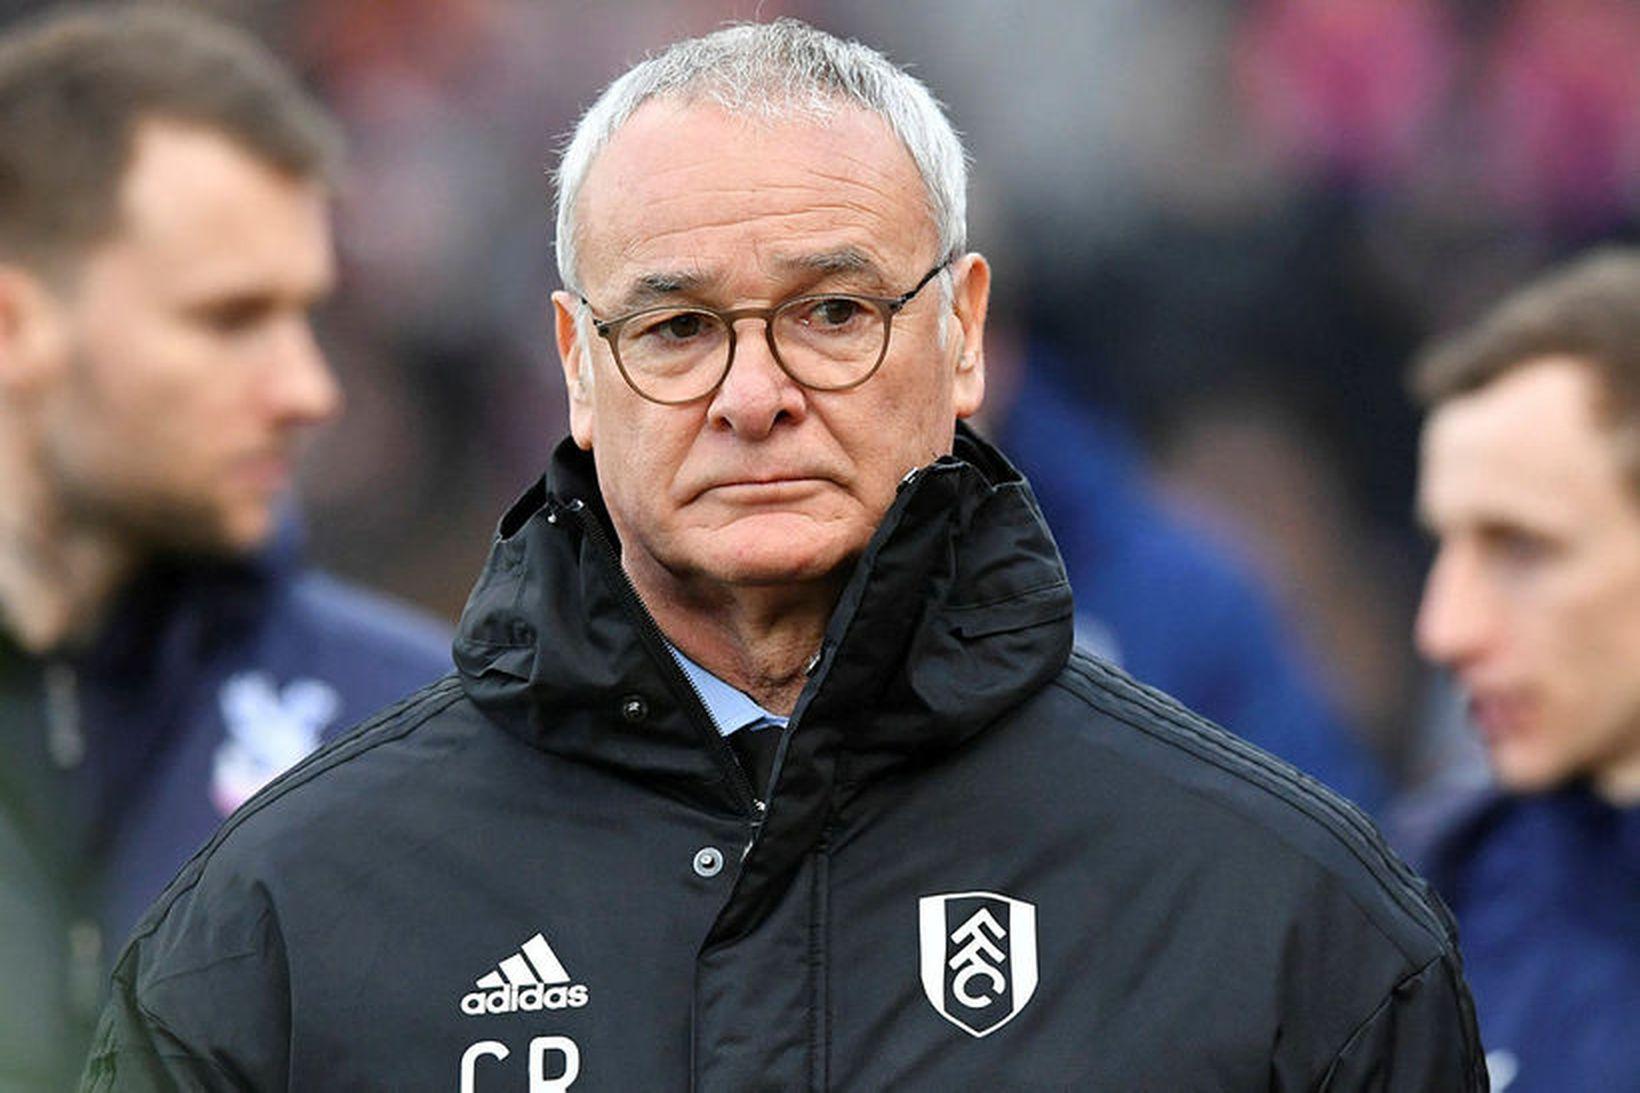 Claudio Ranieri er hann stýrði Fulham fyrir nokkrum árum.